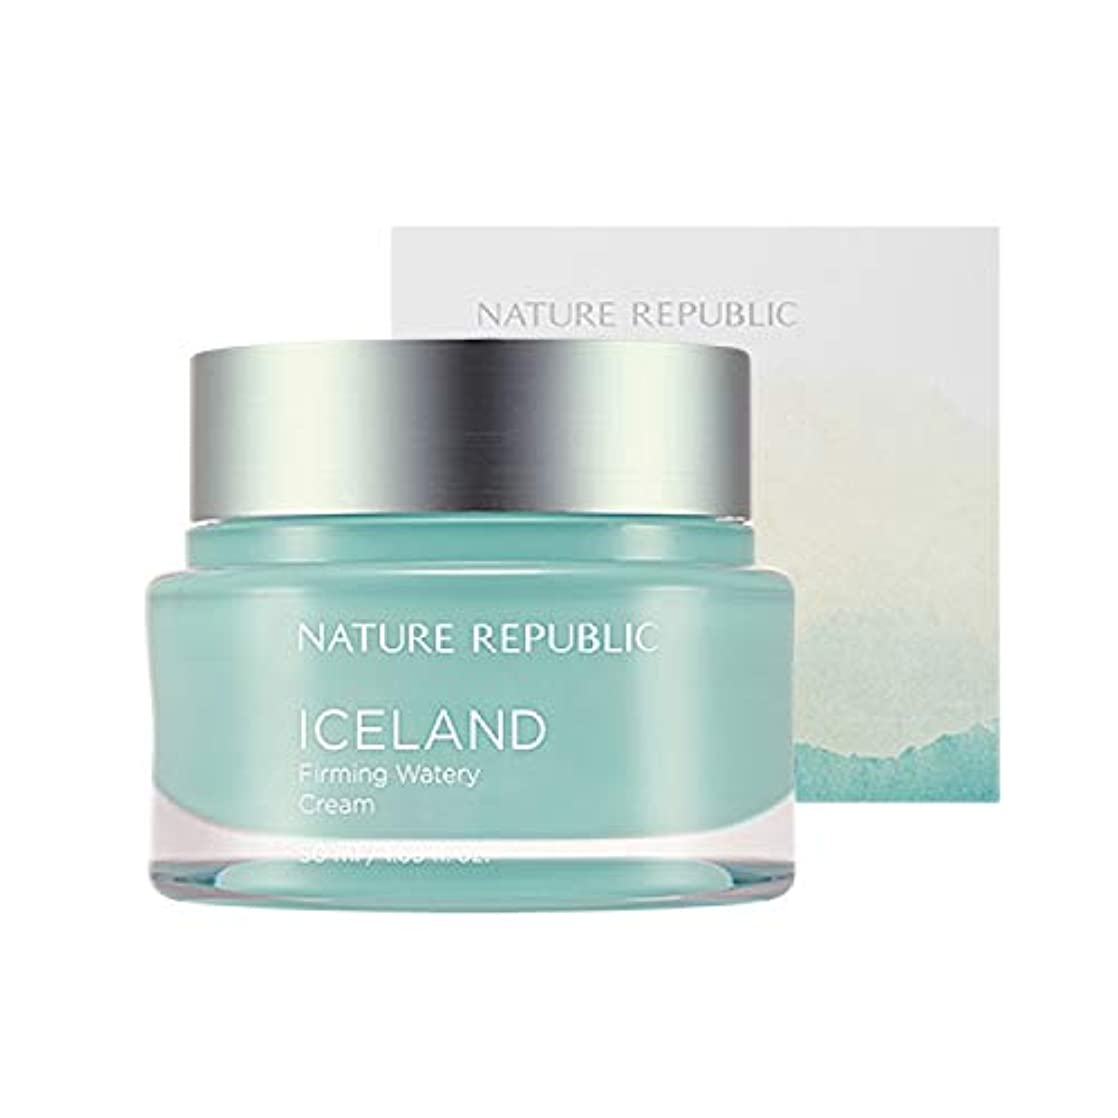 委託光沢必要ないネイチャーリパブリック(Nature Republic)アイスファーミング水分クリーム50ml / Iceland Firming Watery Cream 50ml :: 韓国コスメ [並行輸入品]